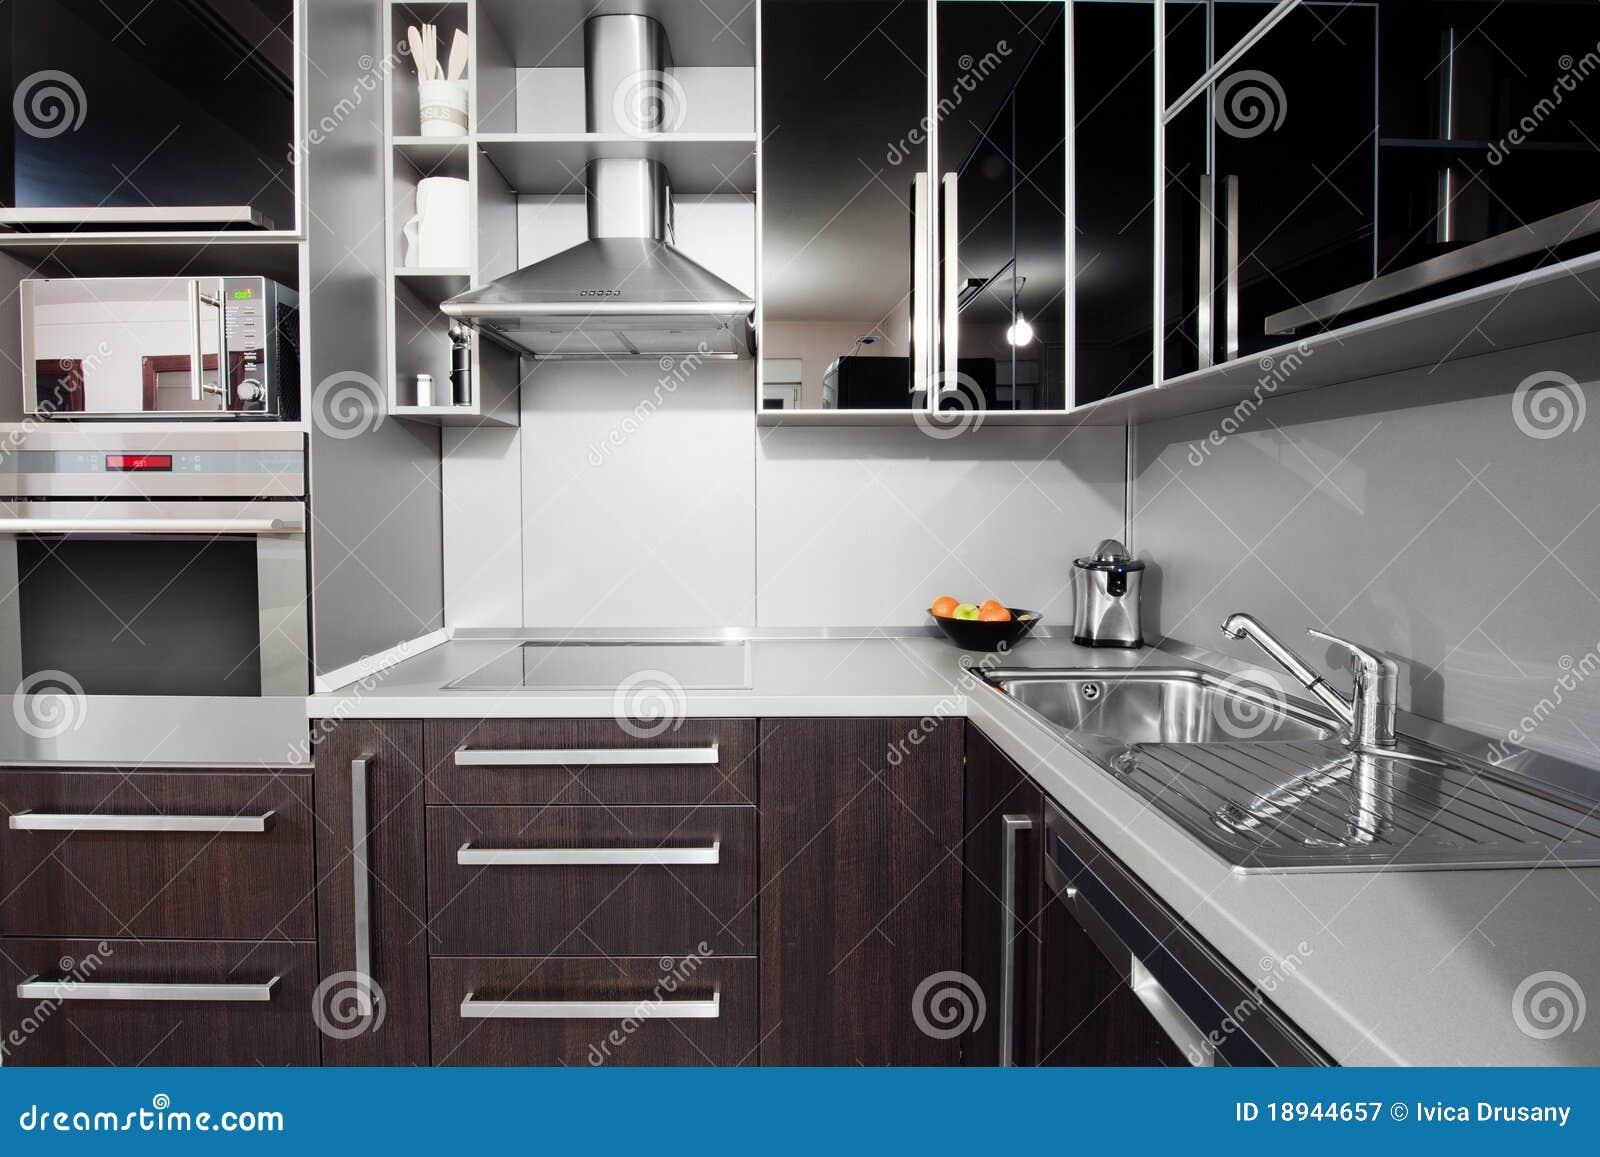 Moderne Keuken Kleuren : Moderne keuken in zwarte en wenge kleuren stock afbeelding